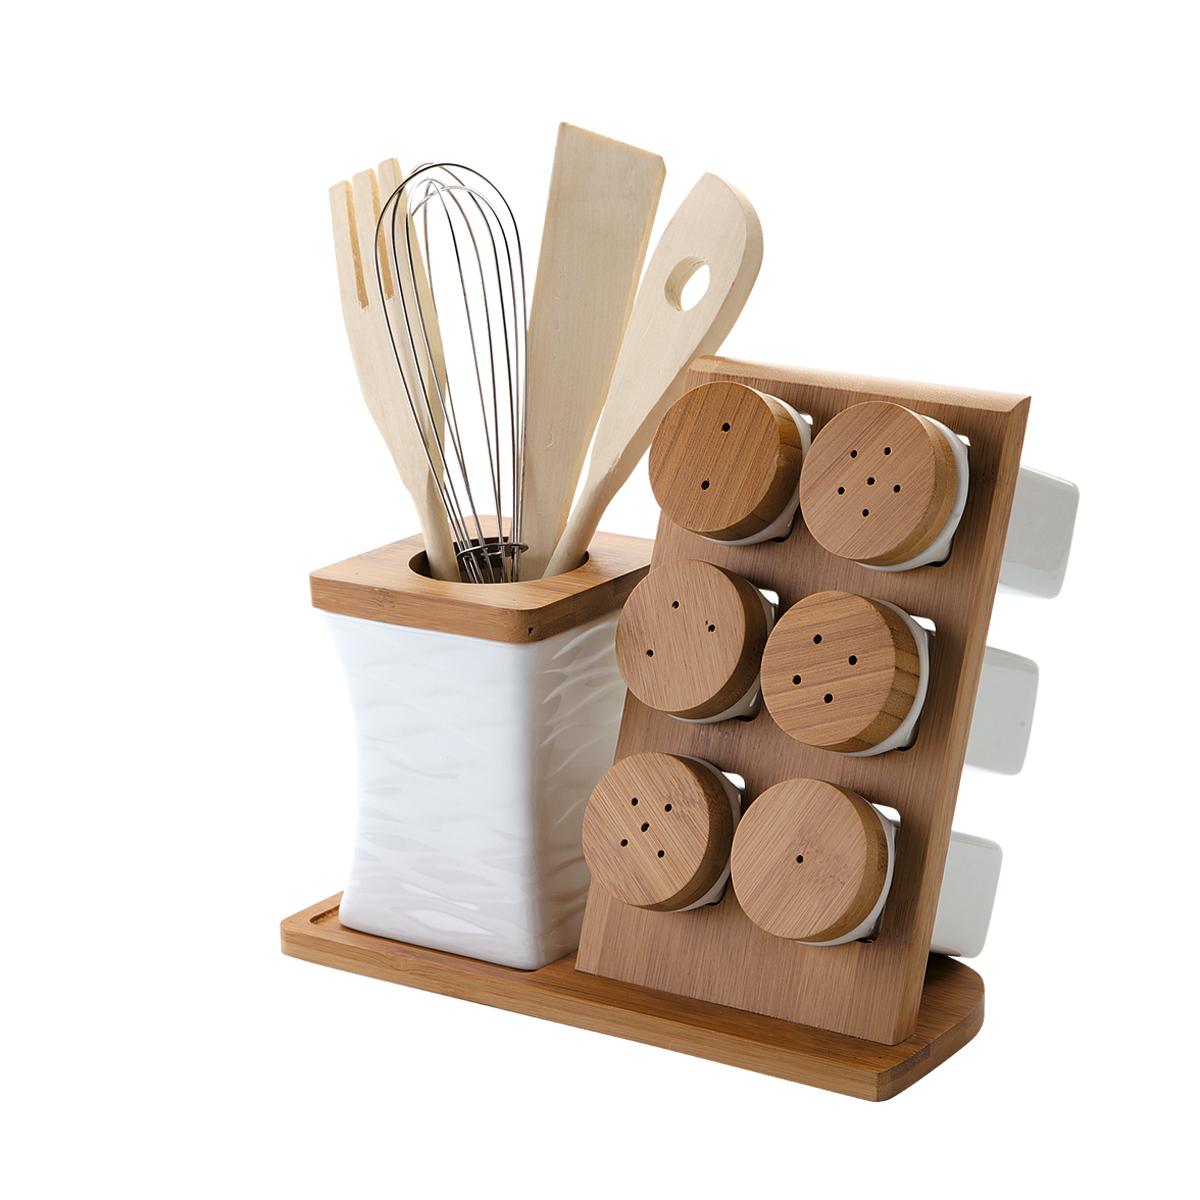 Набор кухонных принадлежностей Dekok, 12 предметовPW-2719Набор кухонных принадлежностей Dekok состоит из лопатки, ложки с отверстием, вилки, венчика, 3 солонок, 3 перечниц и двух подставок. Лопатка, вилка и ложка выполнены из дерева и предназначены для переворачивания и перемешивания различных блюд. Металлический венчик будет незаменим для приготовления теста или крема. Эти предметы хранятся в отдельной подставке в виде стакана, выполненной из фарфора и бамбука. Солонки и перечницы располагаются на подставке со специальными ячейками. Оригинальный дизайн, эстетичность и функциональность набора позволят ему стать достойным дополнением к кухонному инвентарю. Длина лопатки, вилки, ложки: 25,5 см. Длина венчика: 25 см. Размер подставки для приборов: 8,5 см х 8,5 см х 11,5 см. Высота солонки, перечницы: 9,2 см. Диаметр солонки, перечницы (по верхнему краю): 4,7 см. Размер подставки: 23,5 см х 10,8 см х 20 см.